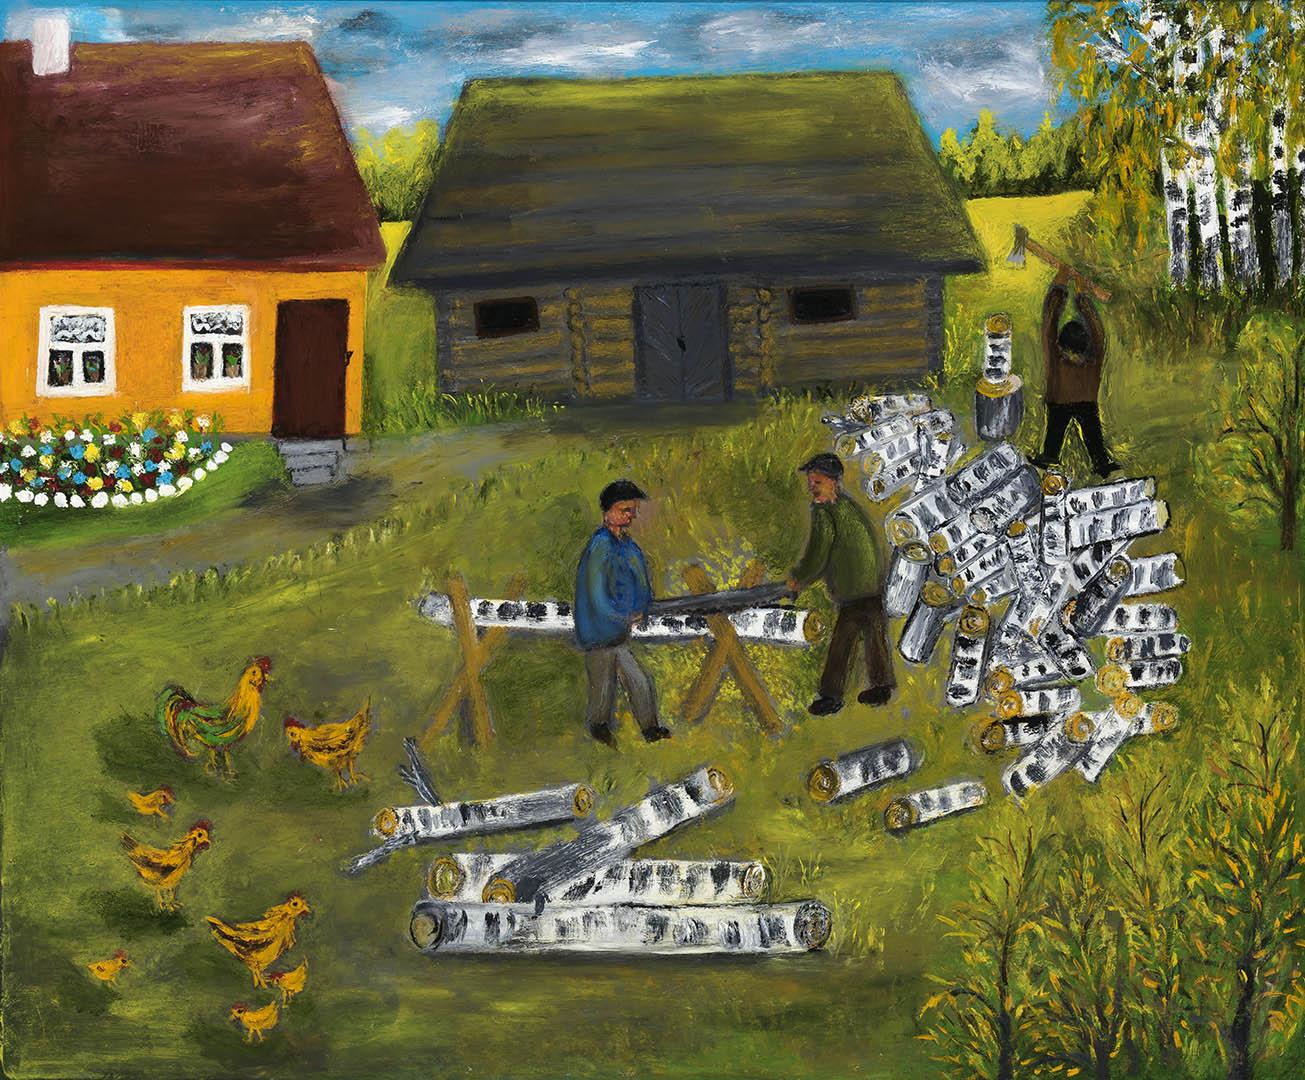 """Elena Petrauskienė. """"Ruošiamės žiemai"""", 2020 m. Kartonas, aliejus; 50 x 60 cm (Antroji Monikos Bičiūnienės premija)"""